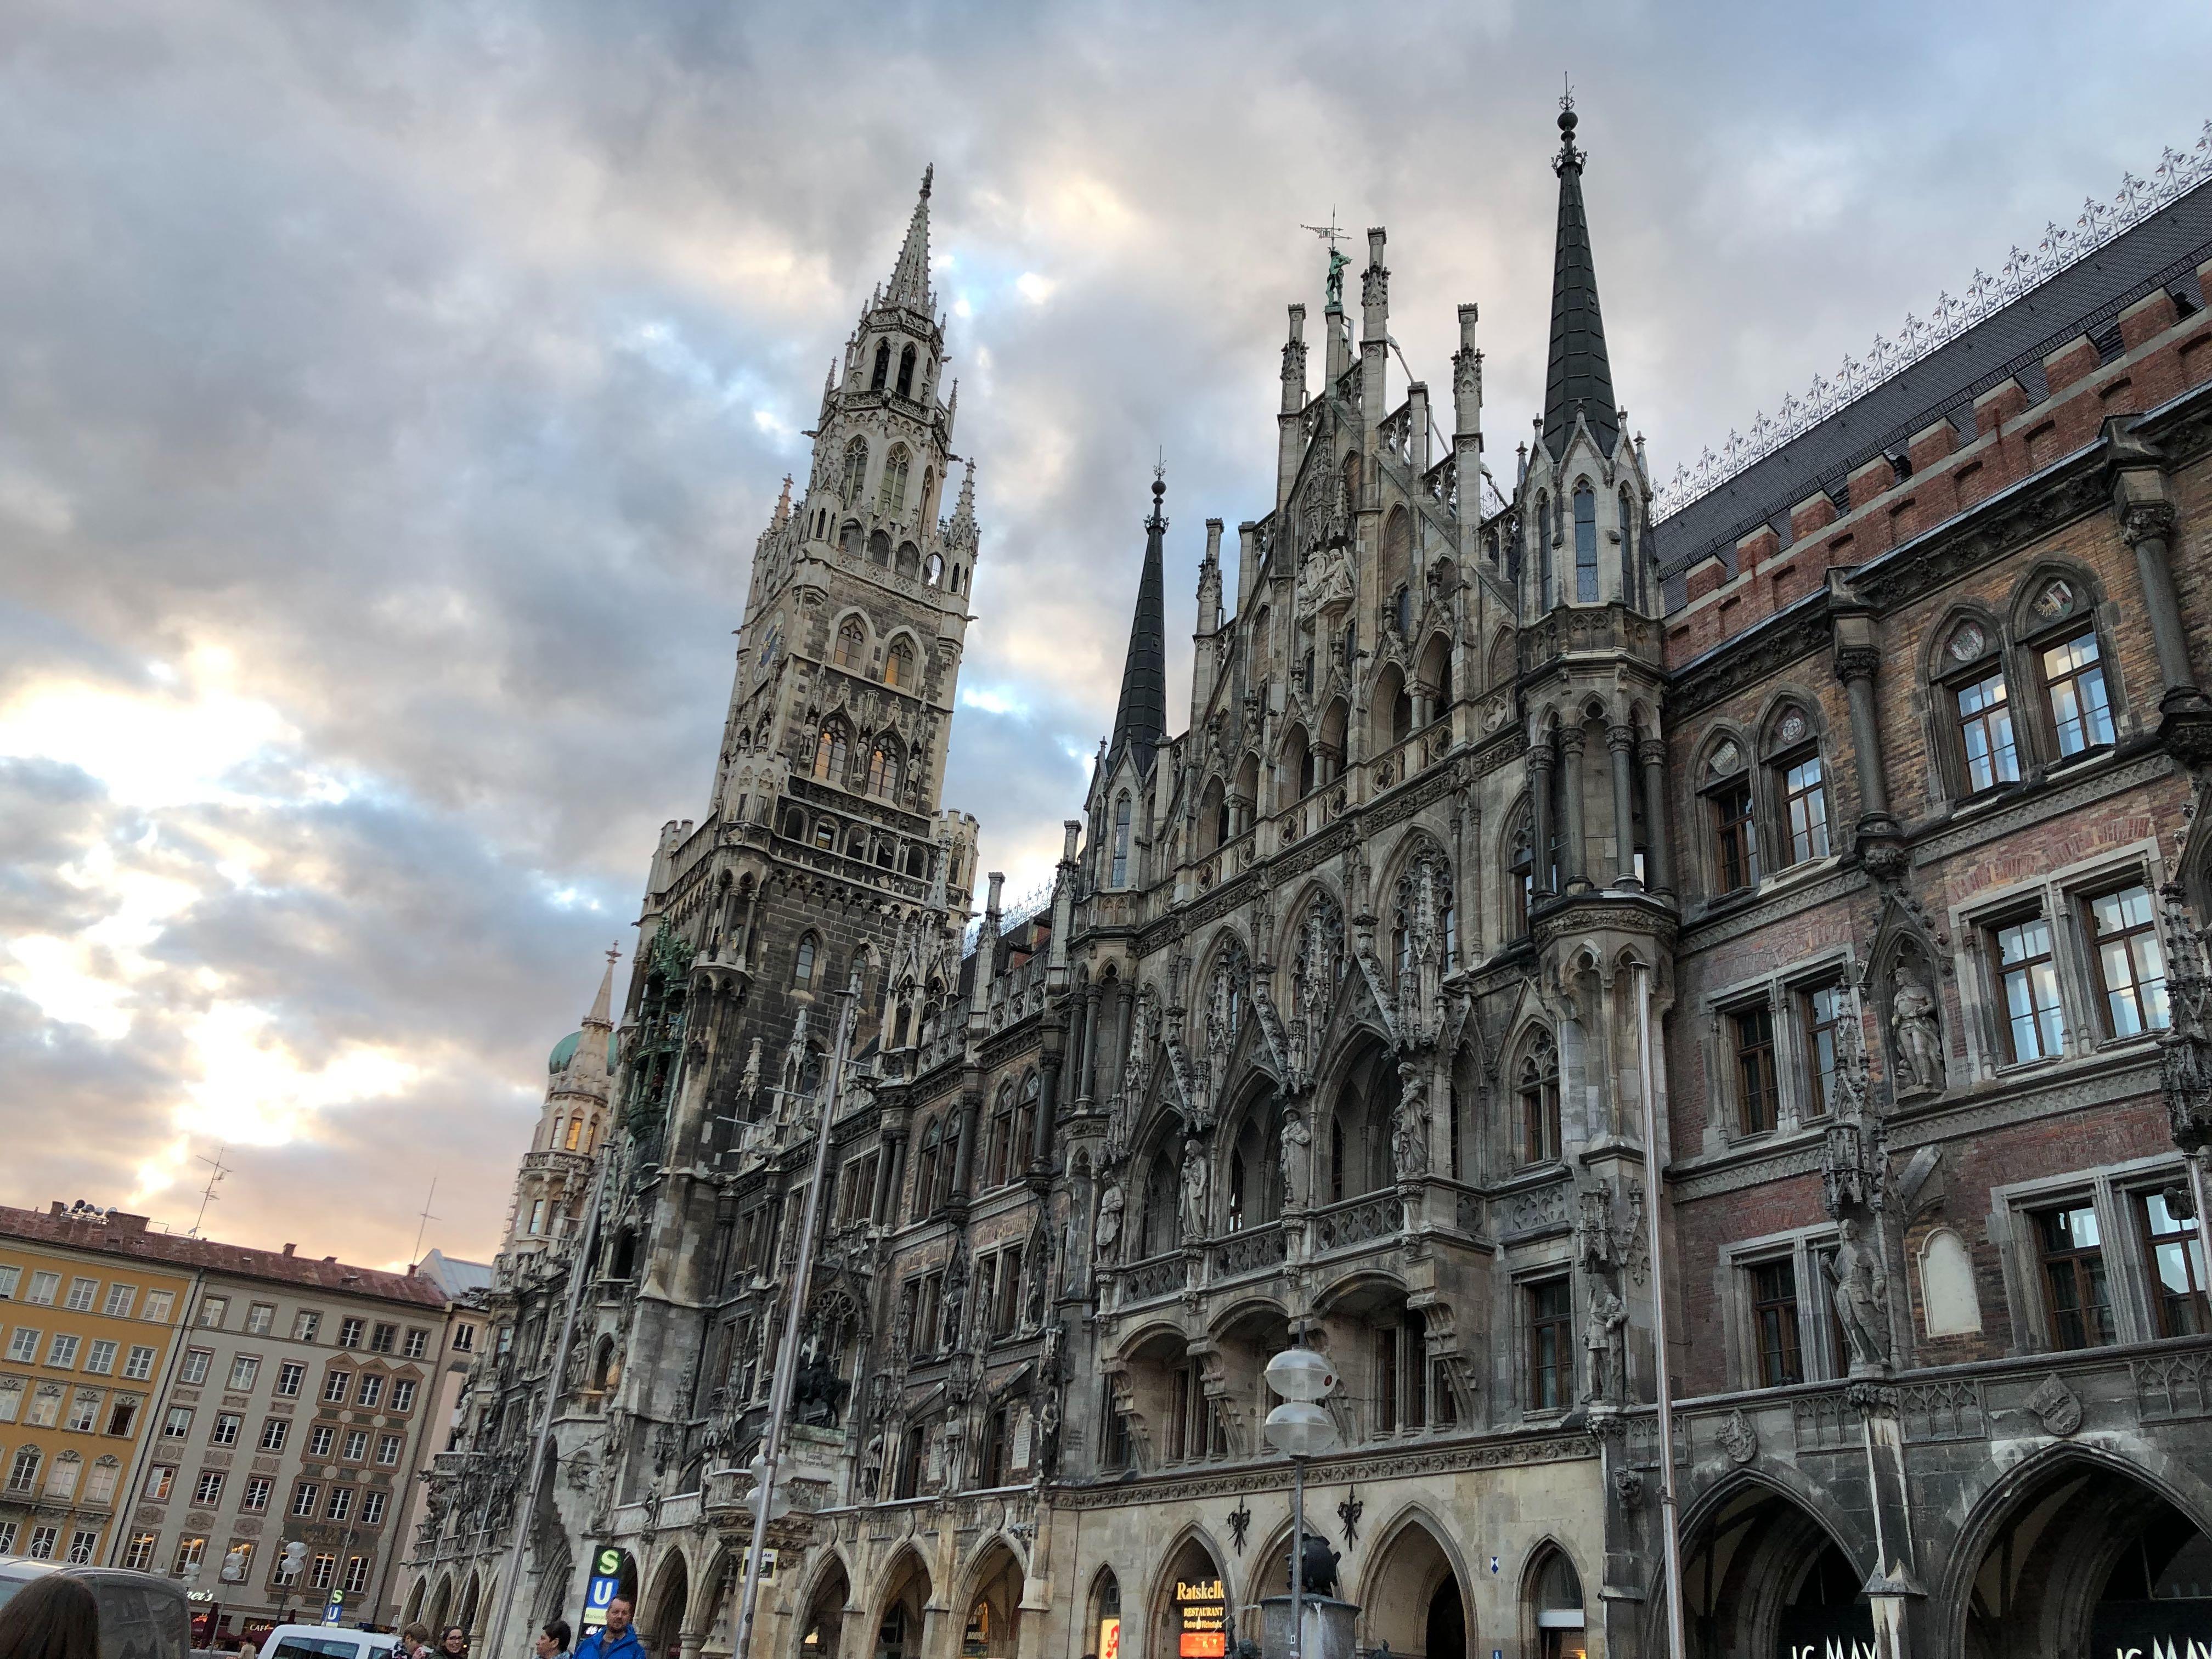 Münchner Marienplatz Kostenloses Bild Herunterladen Mainblick